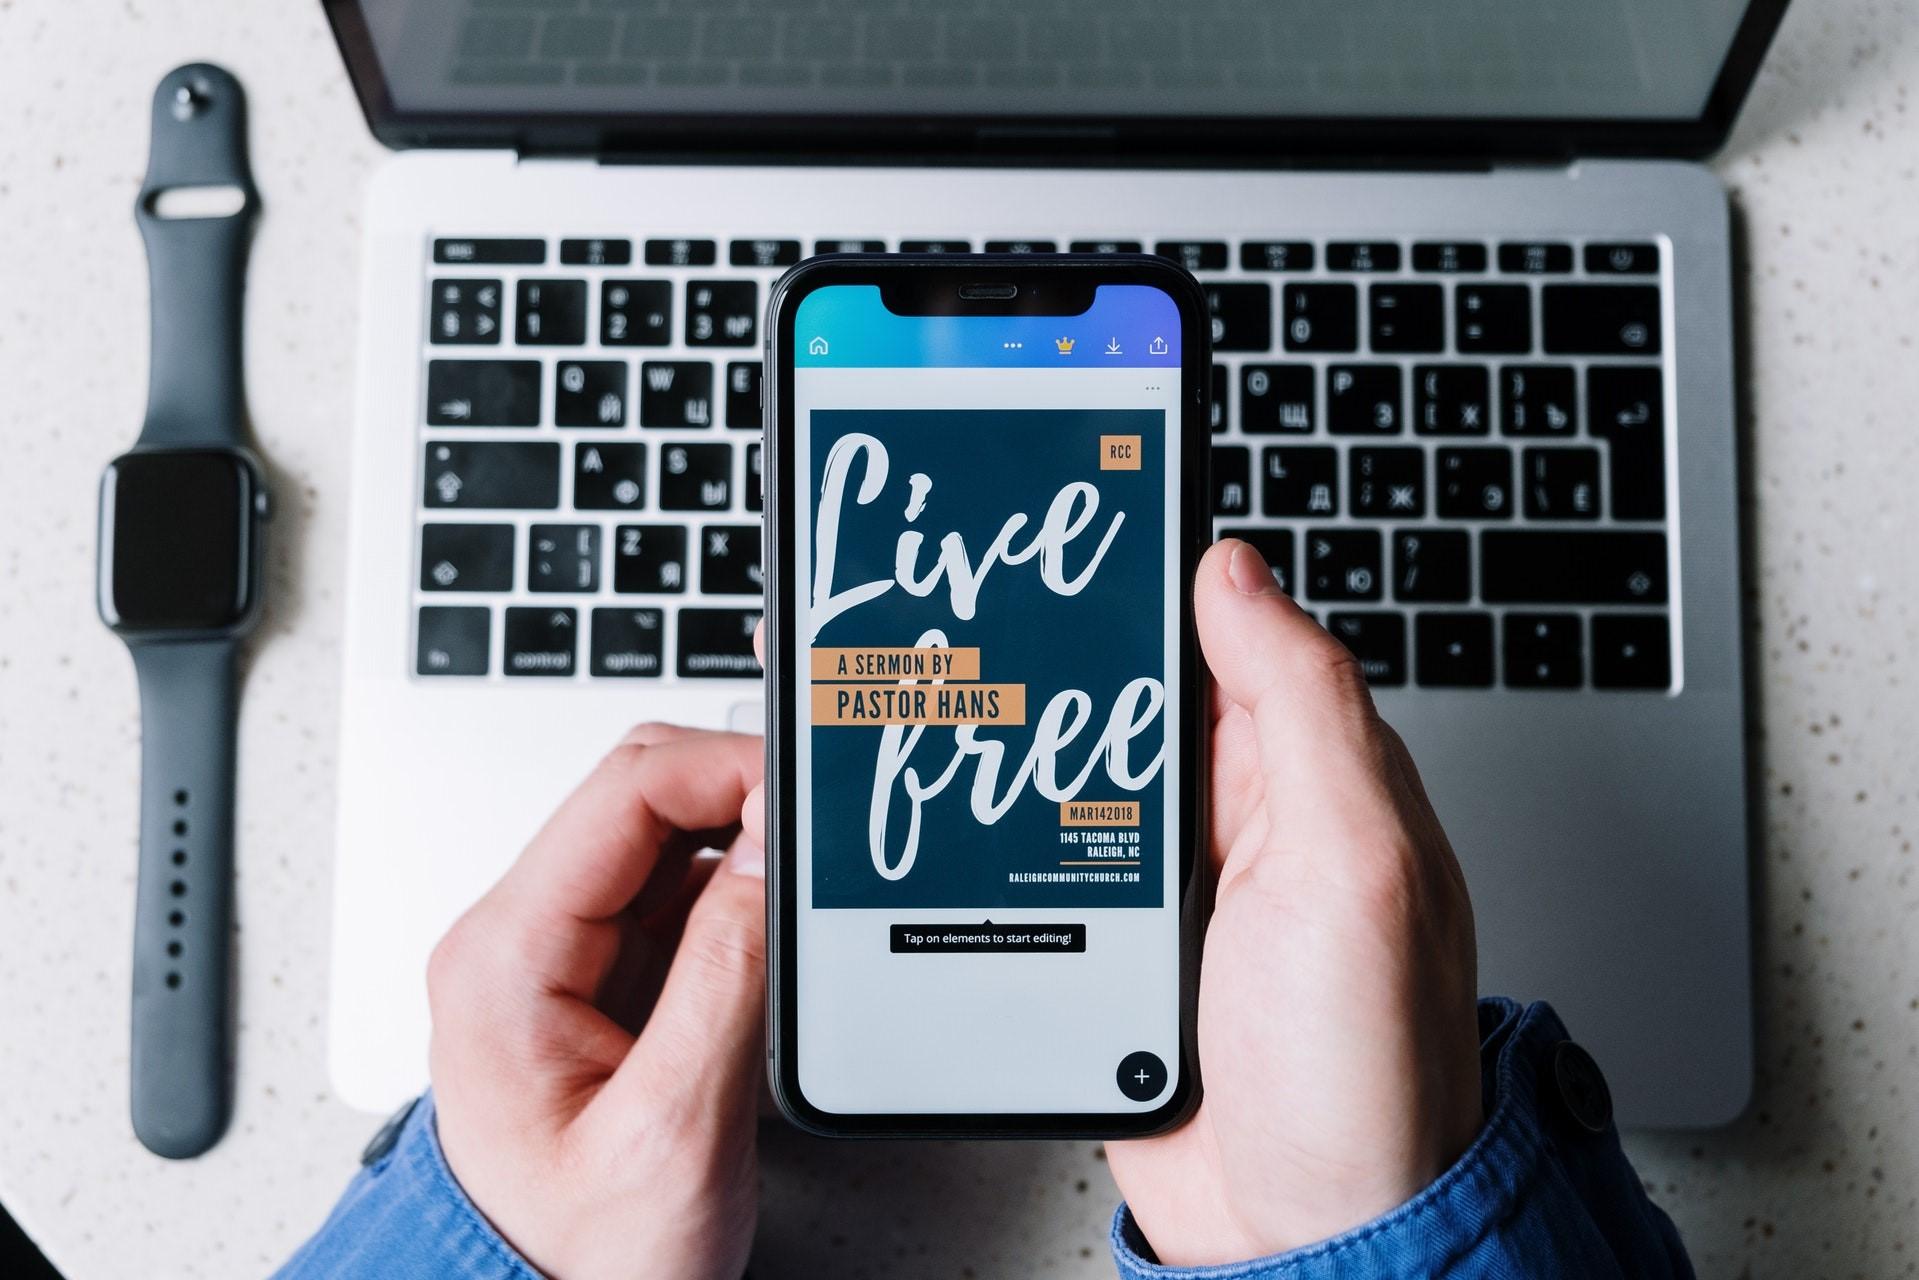 herramientas-digitales-gratuitas-para-emprendedores